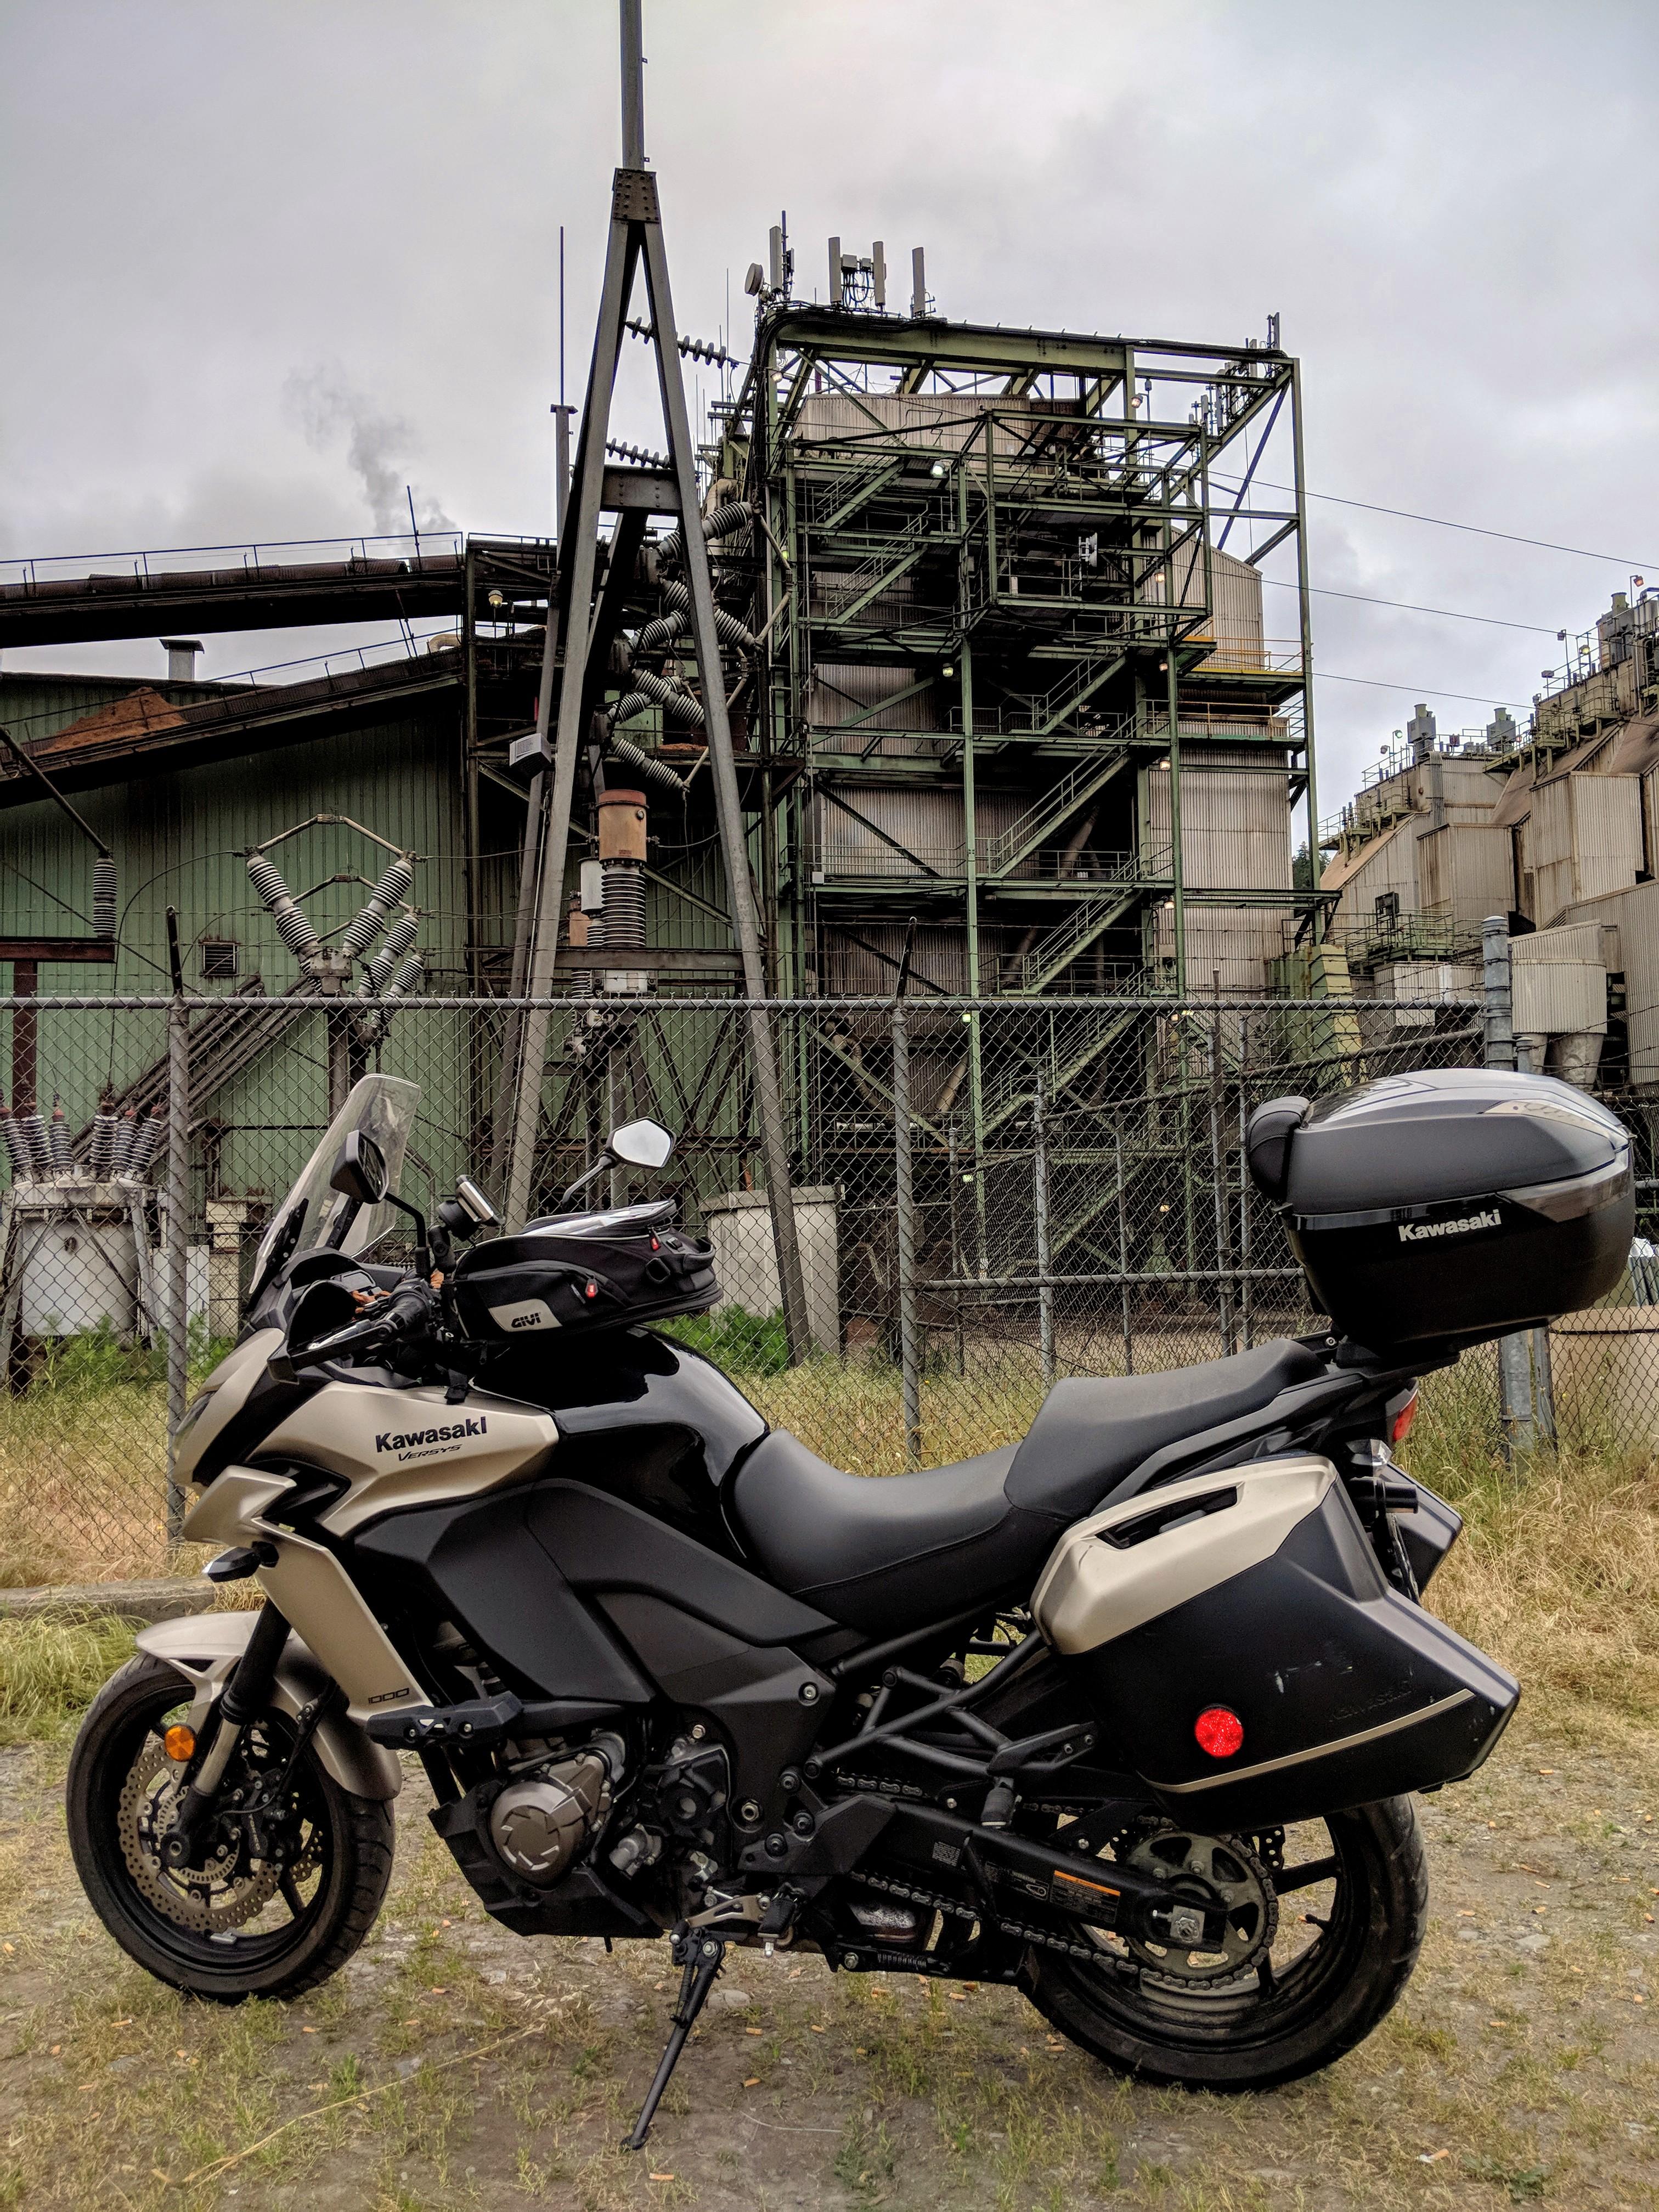 La cittadina di Scotia e' da sempre specializzata nella lavorazione del legname estratto dalle vastissime foreste della zona. Questo e' un impianto industriale per la lavorazione del legno.